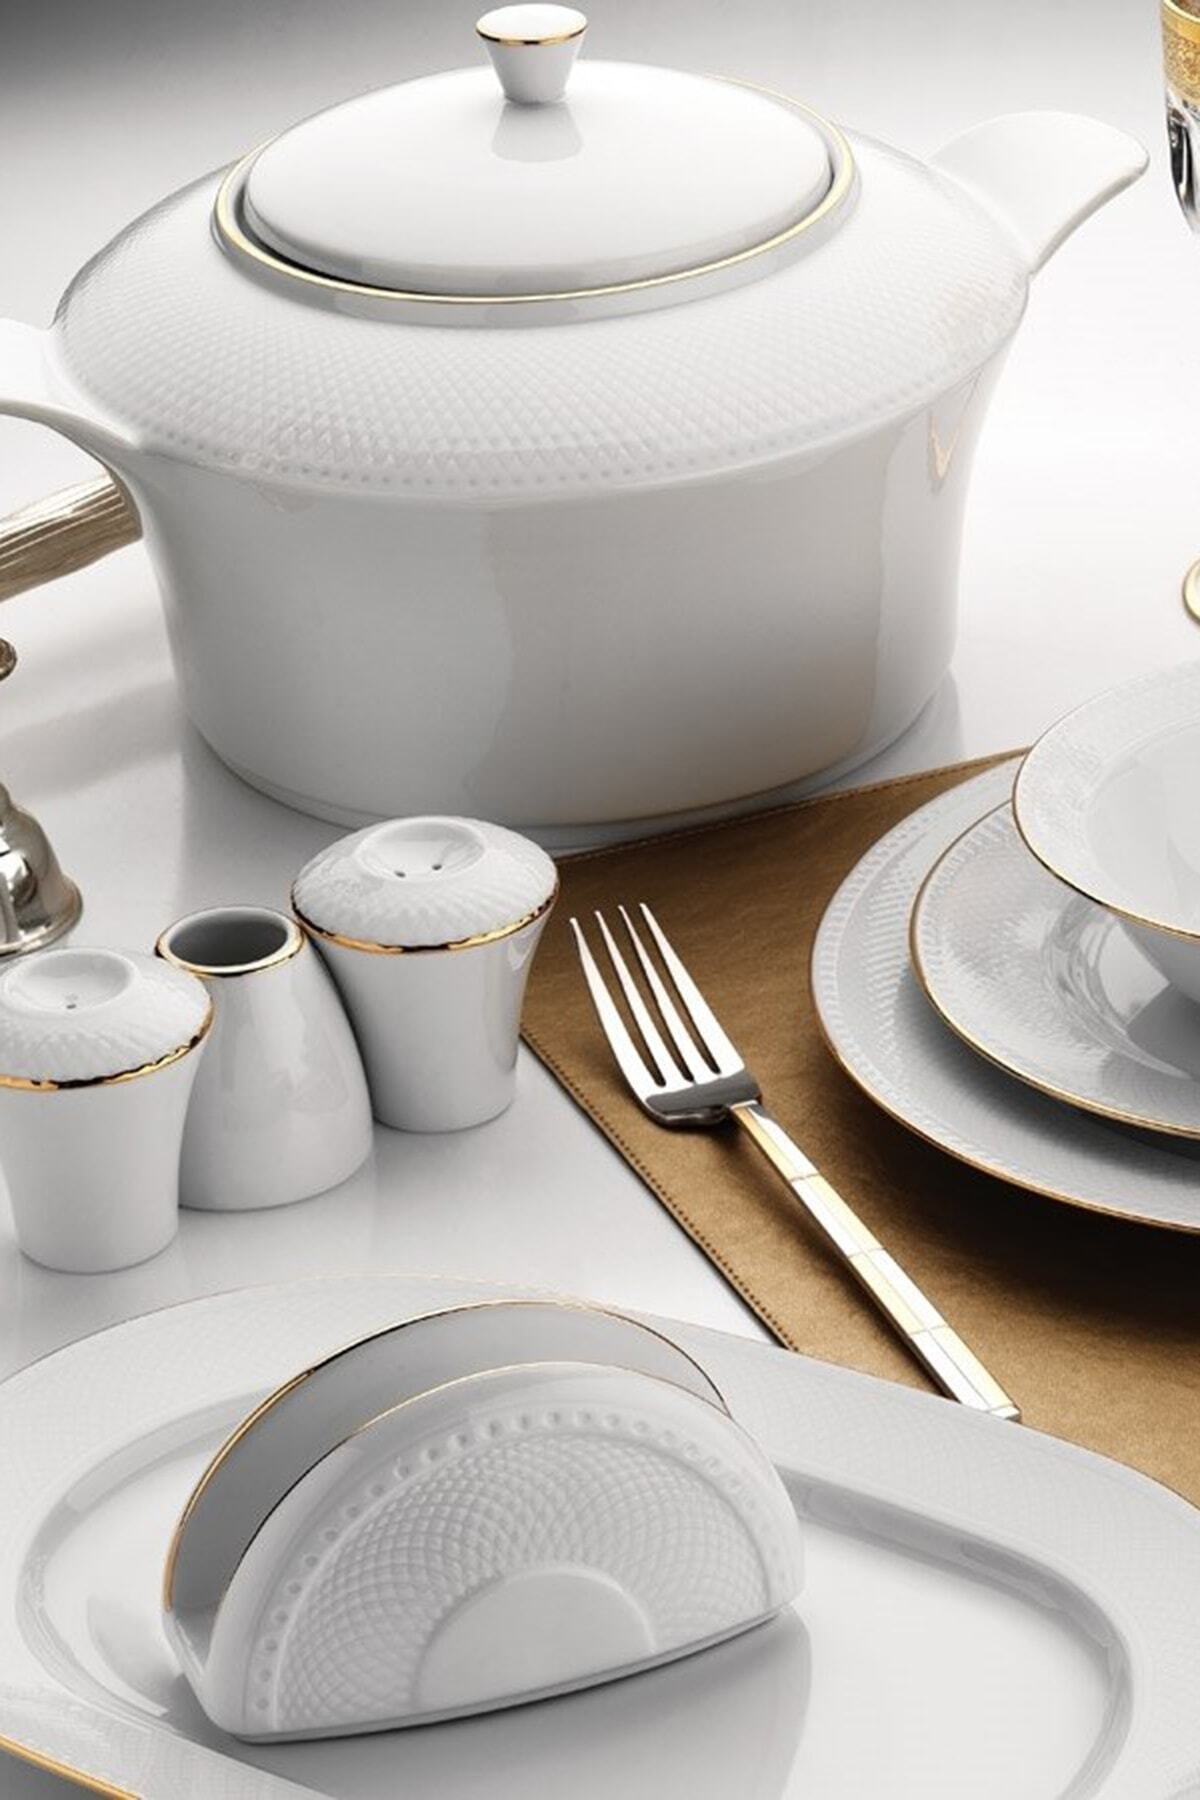 Kütahya Porselen Zümrüt 84 Parça Altın Fileli Yemek Takımı 1